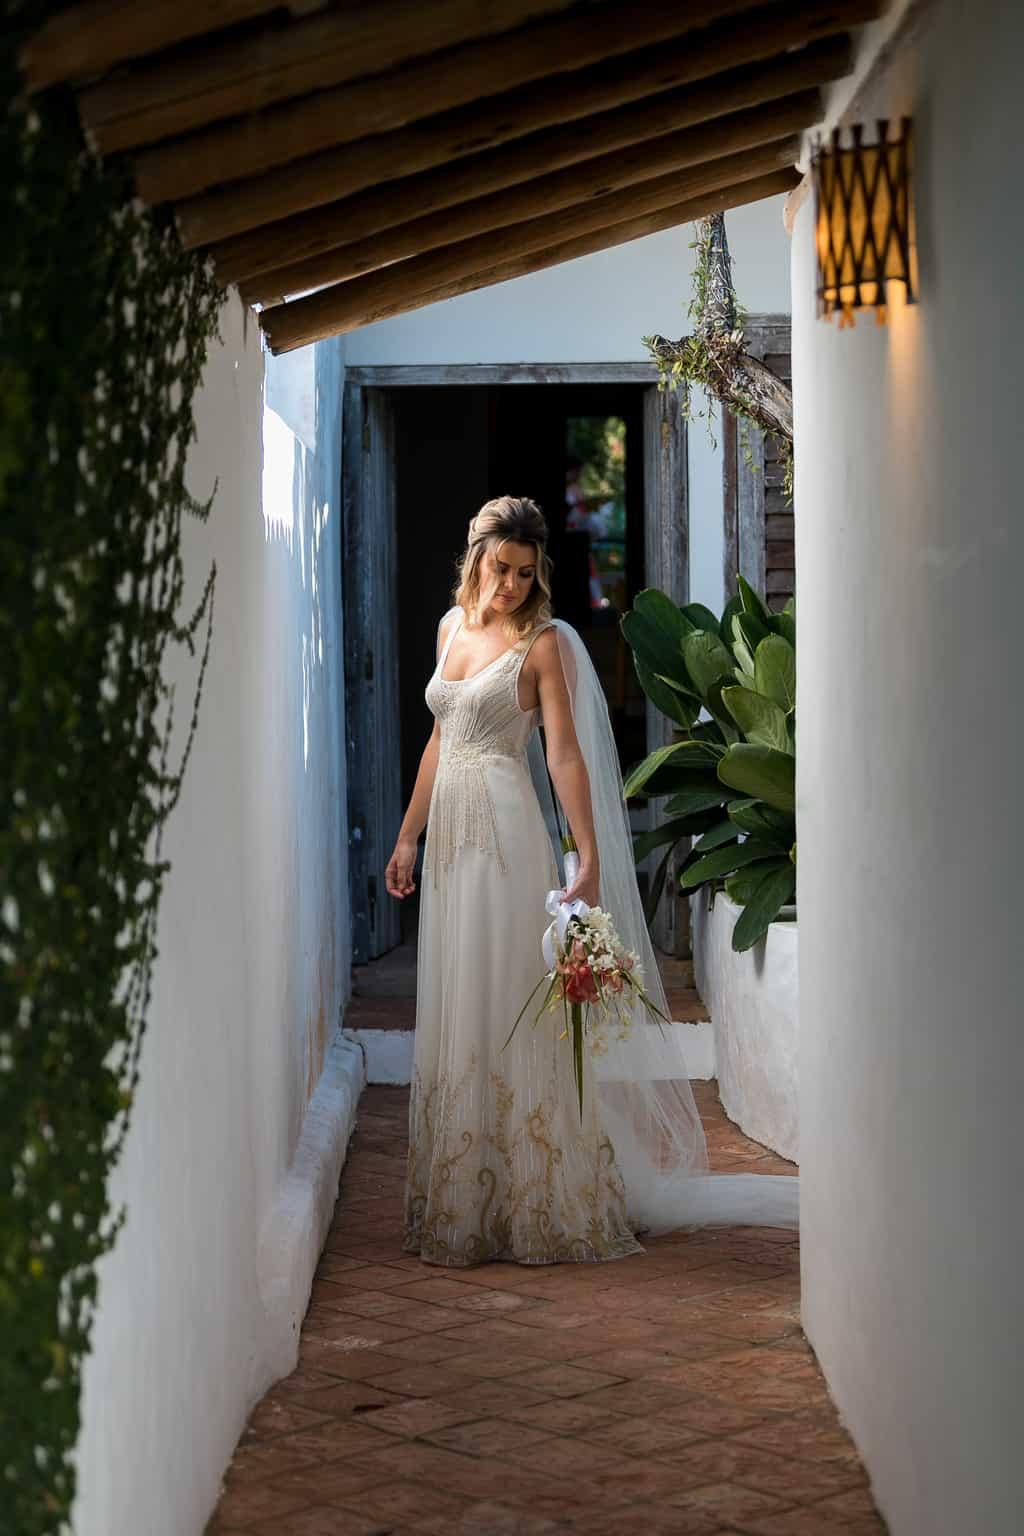 Casamento-Victoria-e-Christian-Fotografia-Tiago-Saldanha154_MG_0545